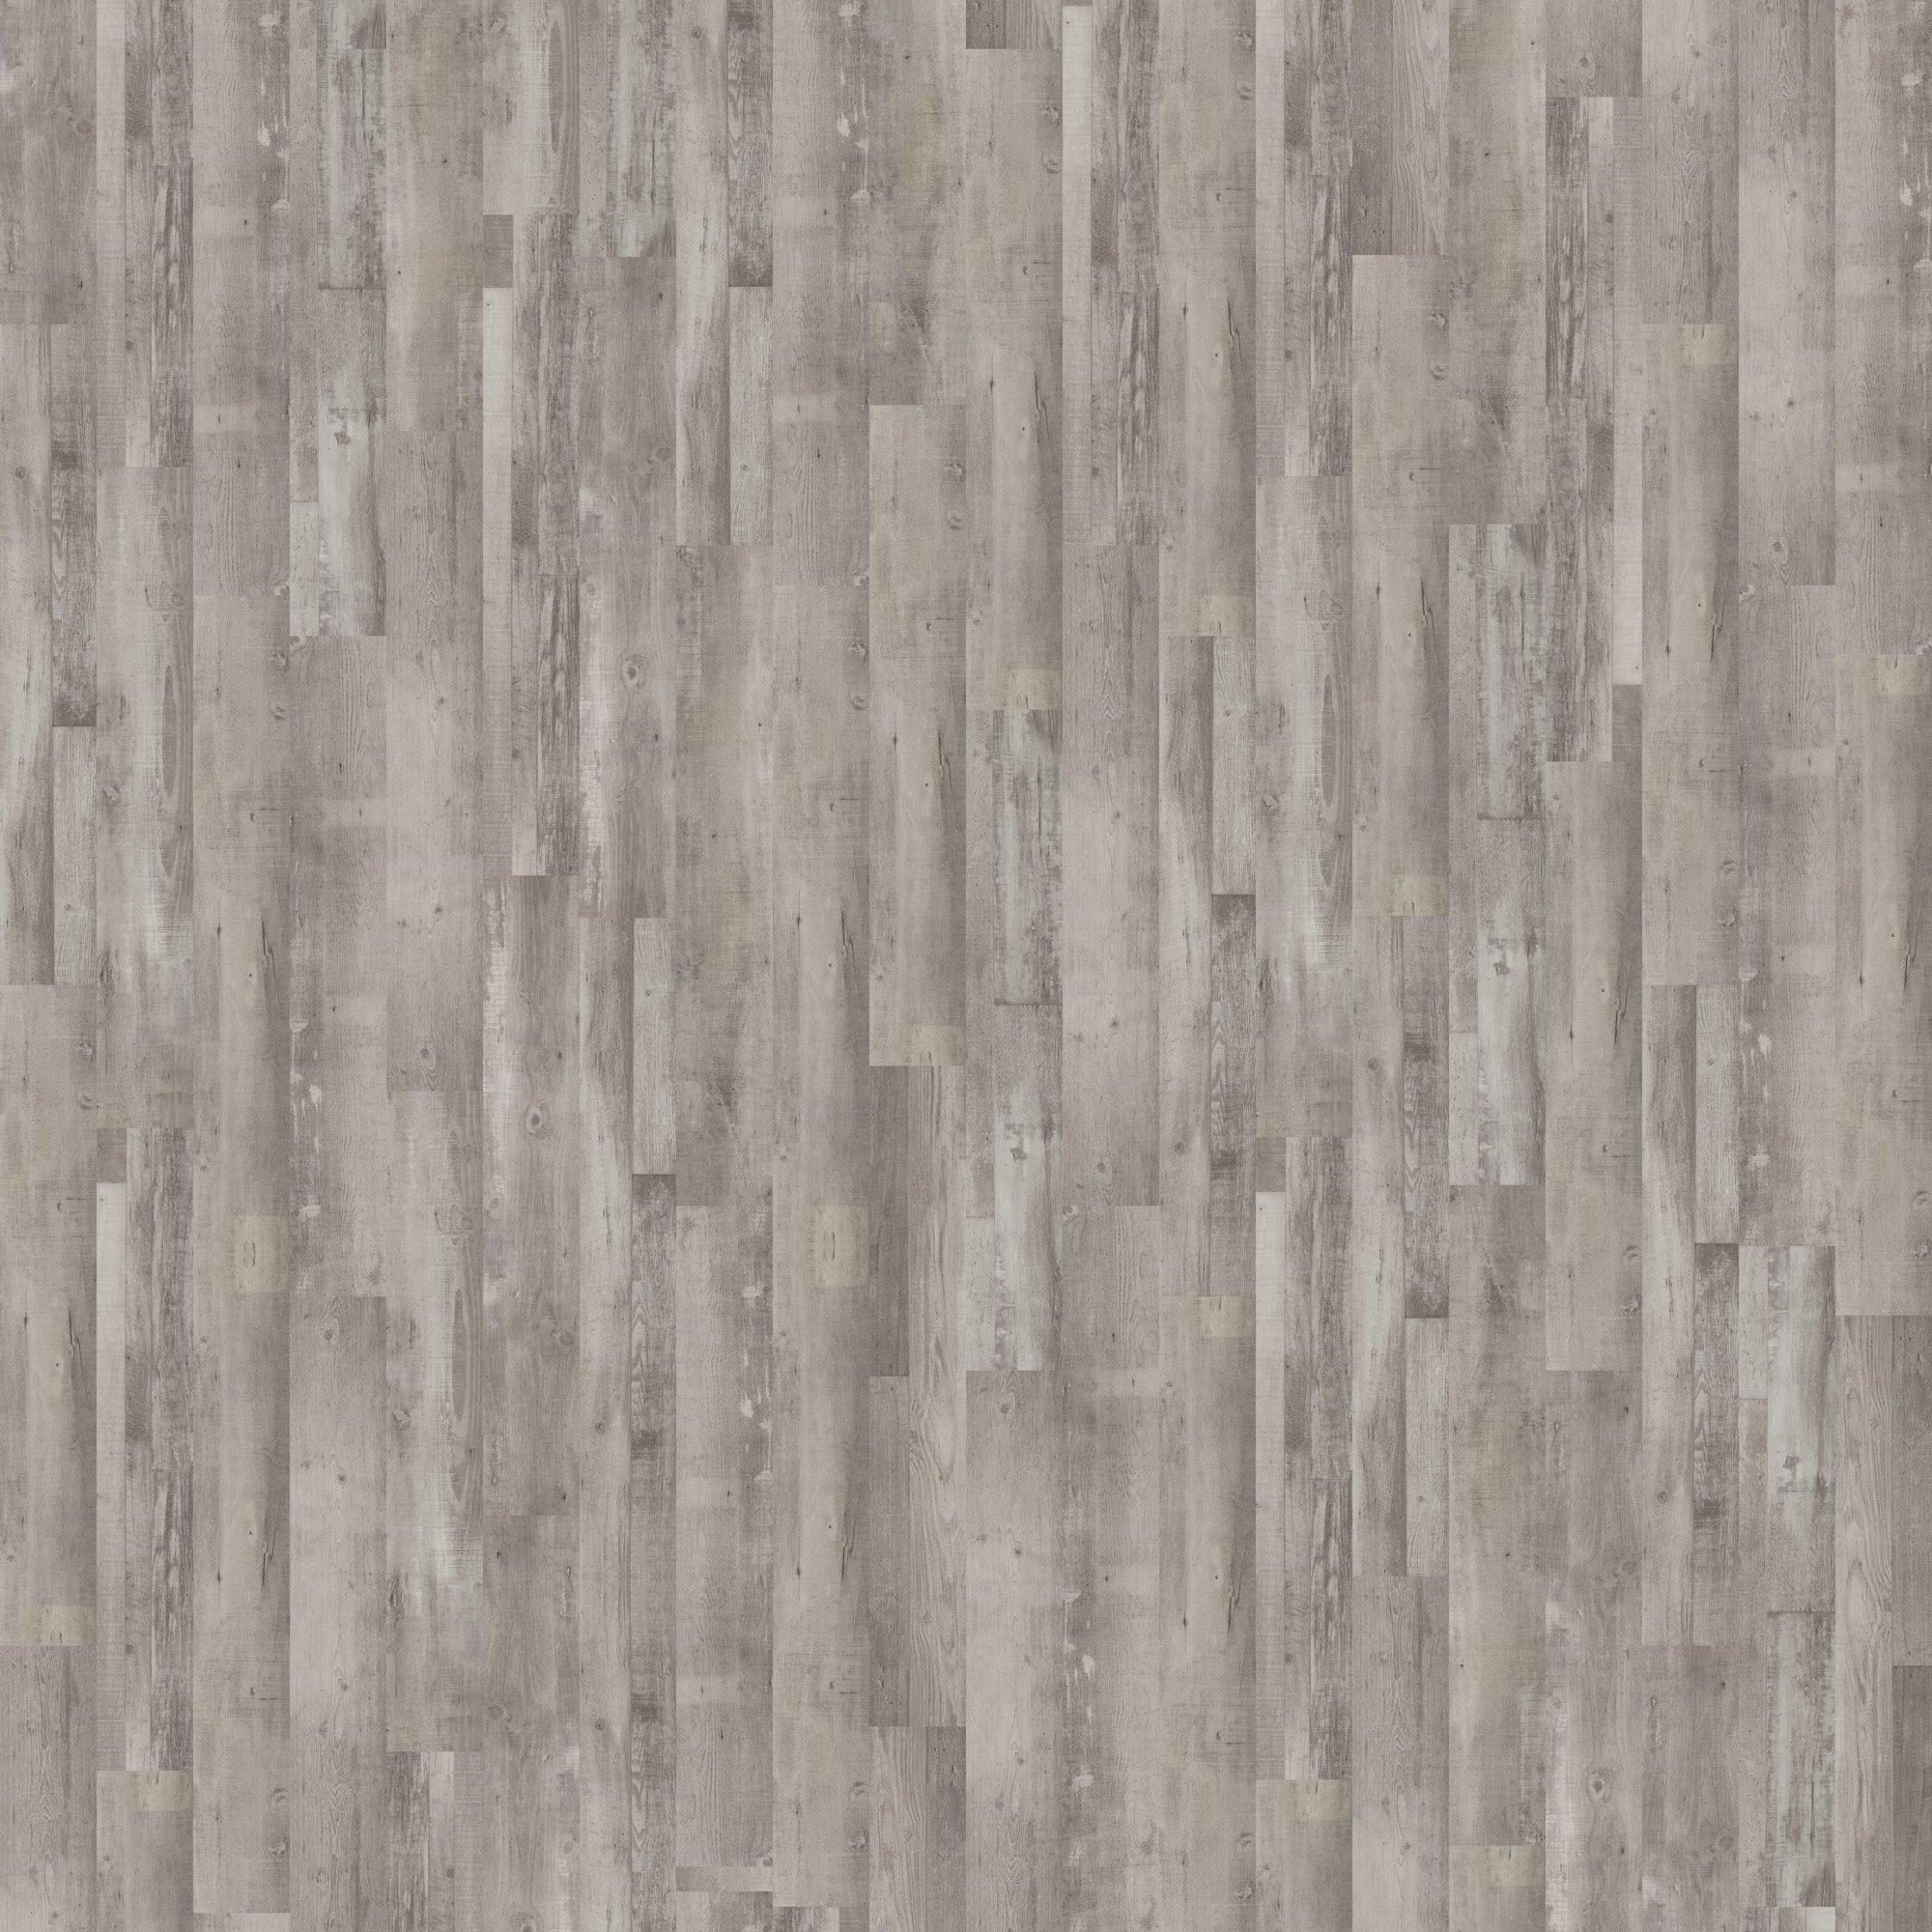 Cali Vinyl Pro Pet Proof Flooring, Gray Ash (23.77 Sq Ft/box), 5.181 Lb